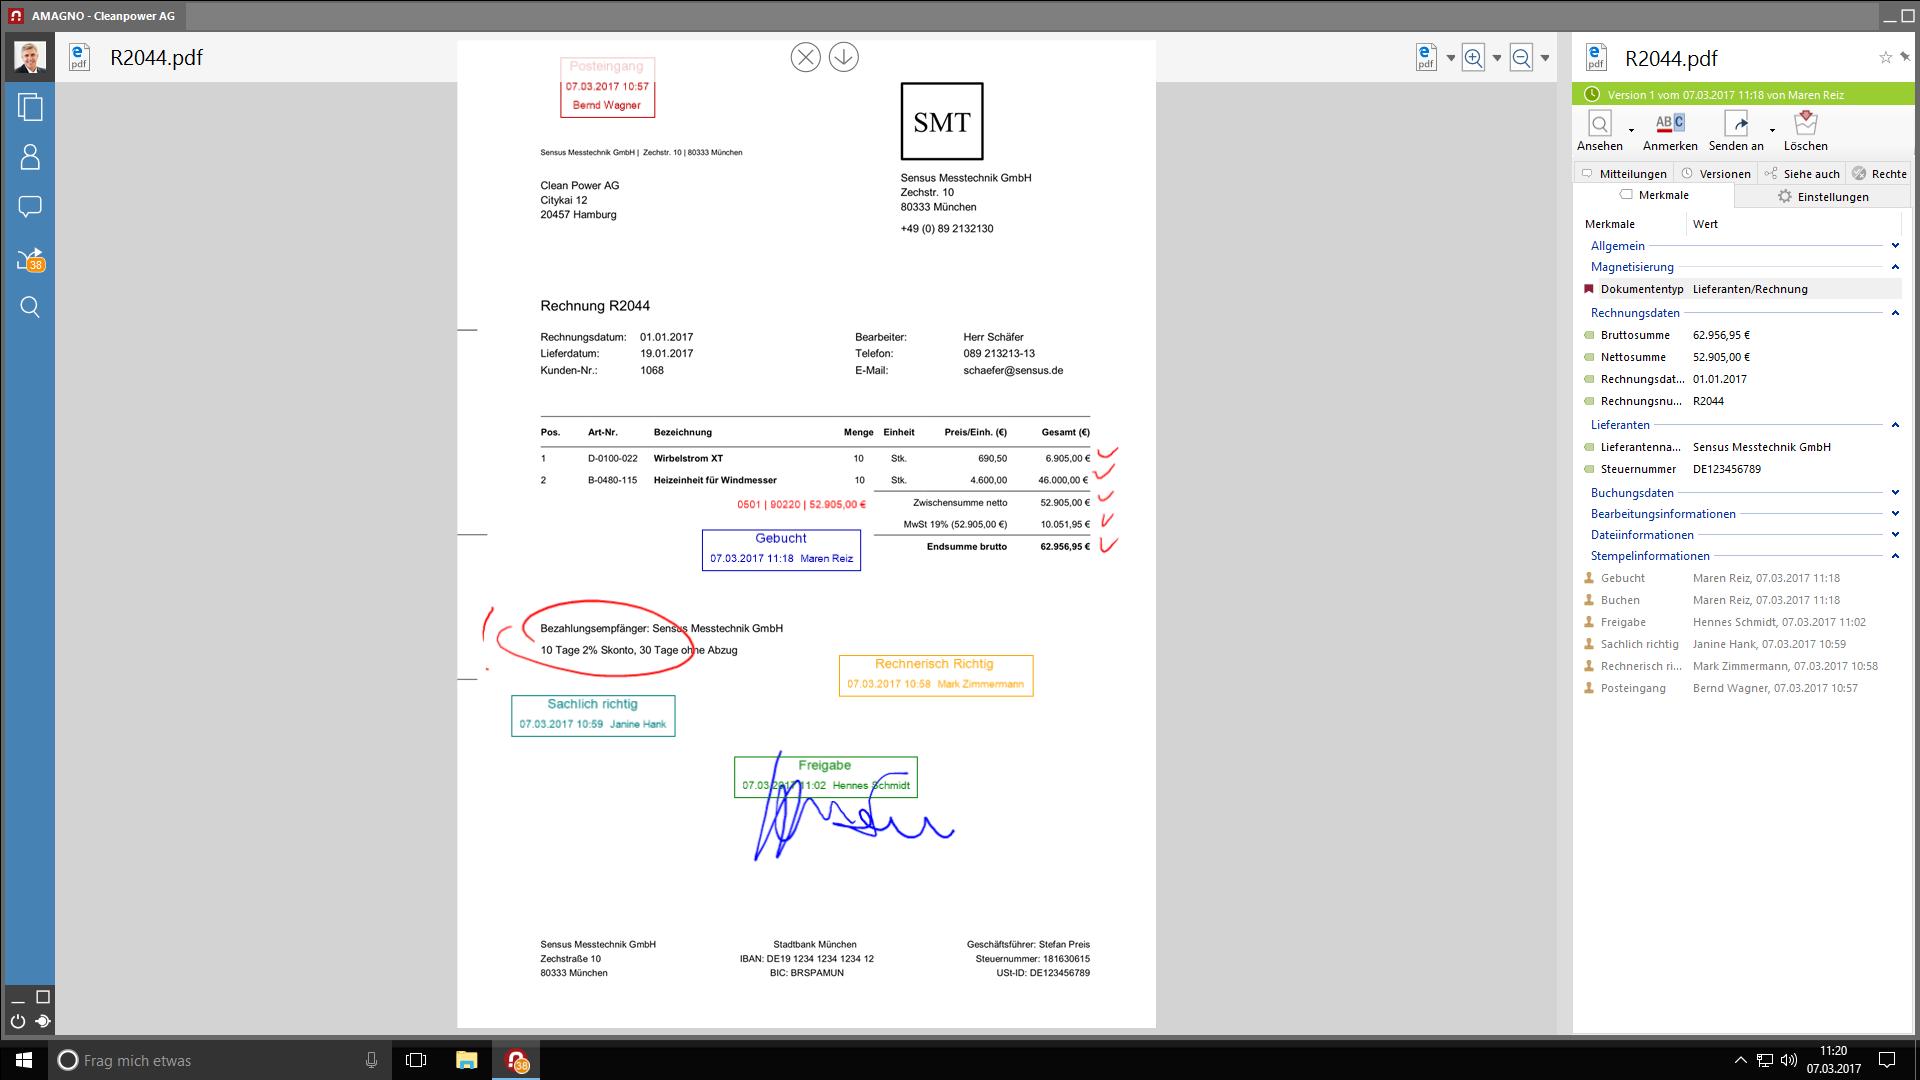 Interaktive Dokumente - Archivierung